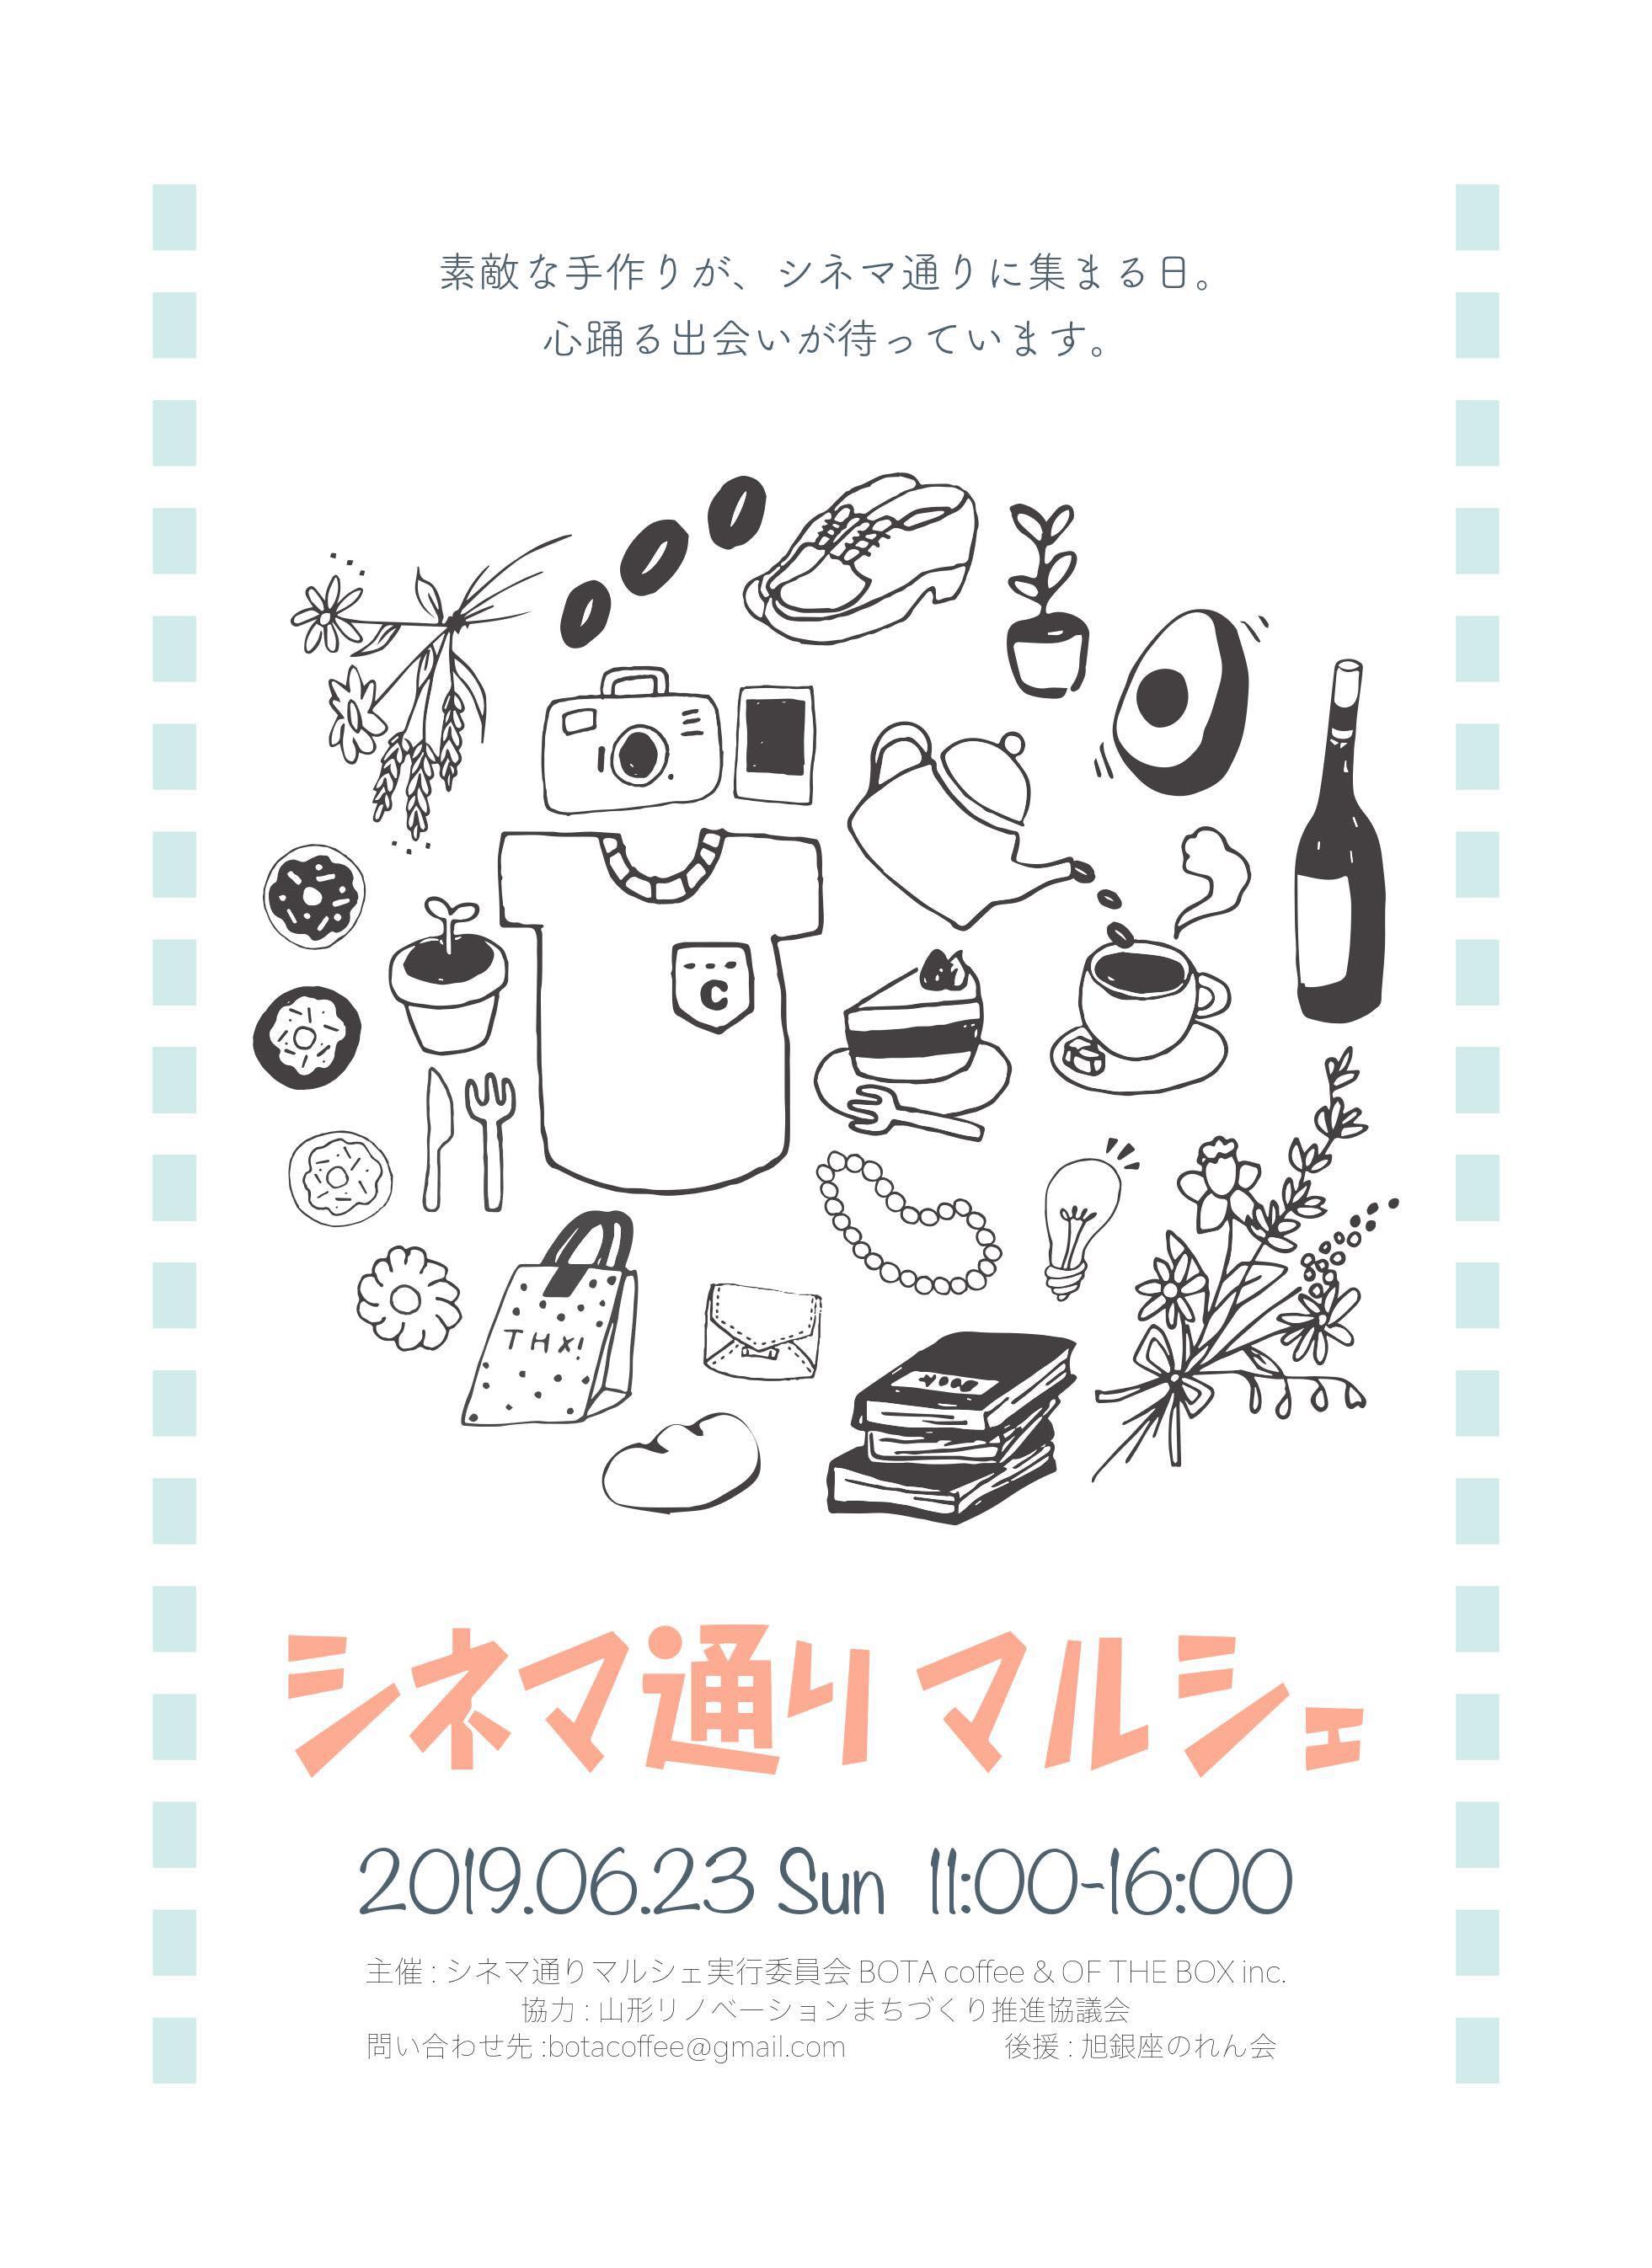 第5回 シネマ通りマルシェ/6月23日(日)